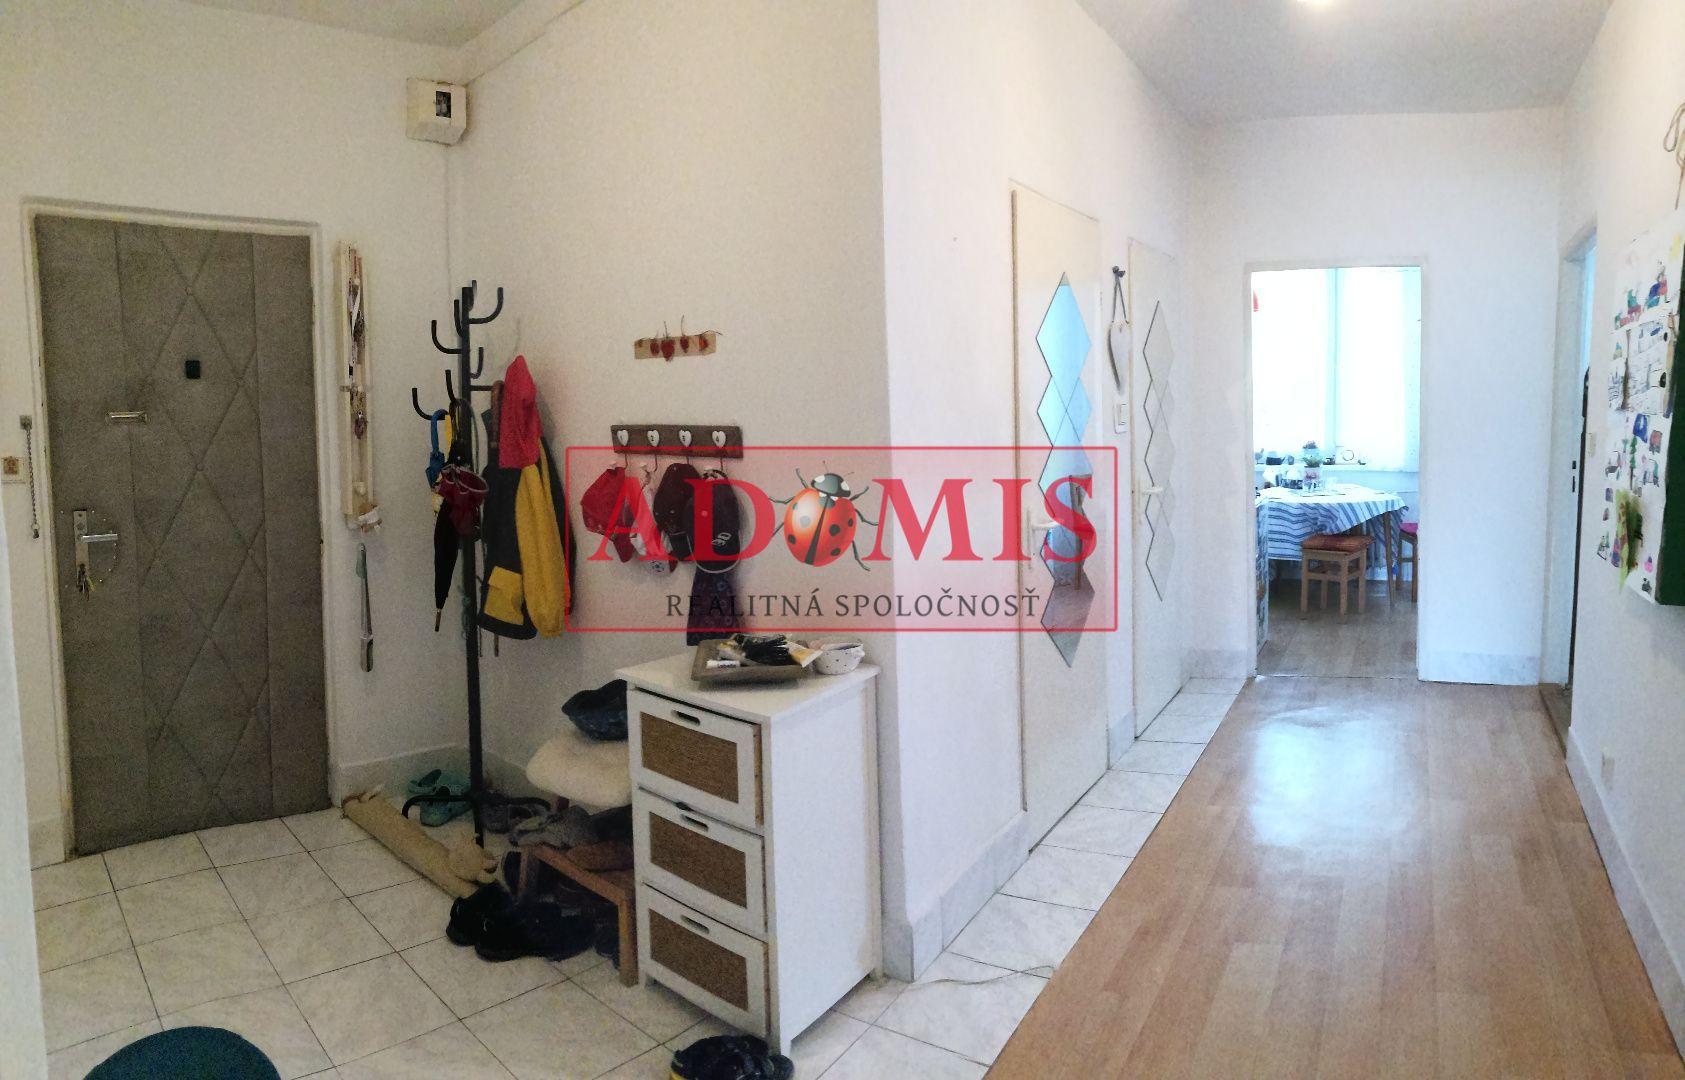 e46ca19ead60 Predaj-4-izbovy byt-Kosice - mestska cast Stare Mesto-ADOMIS--Predam ...